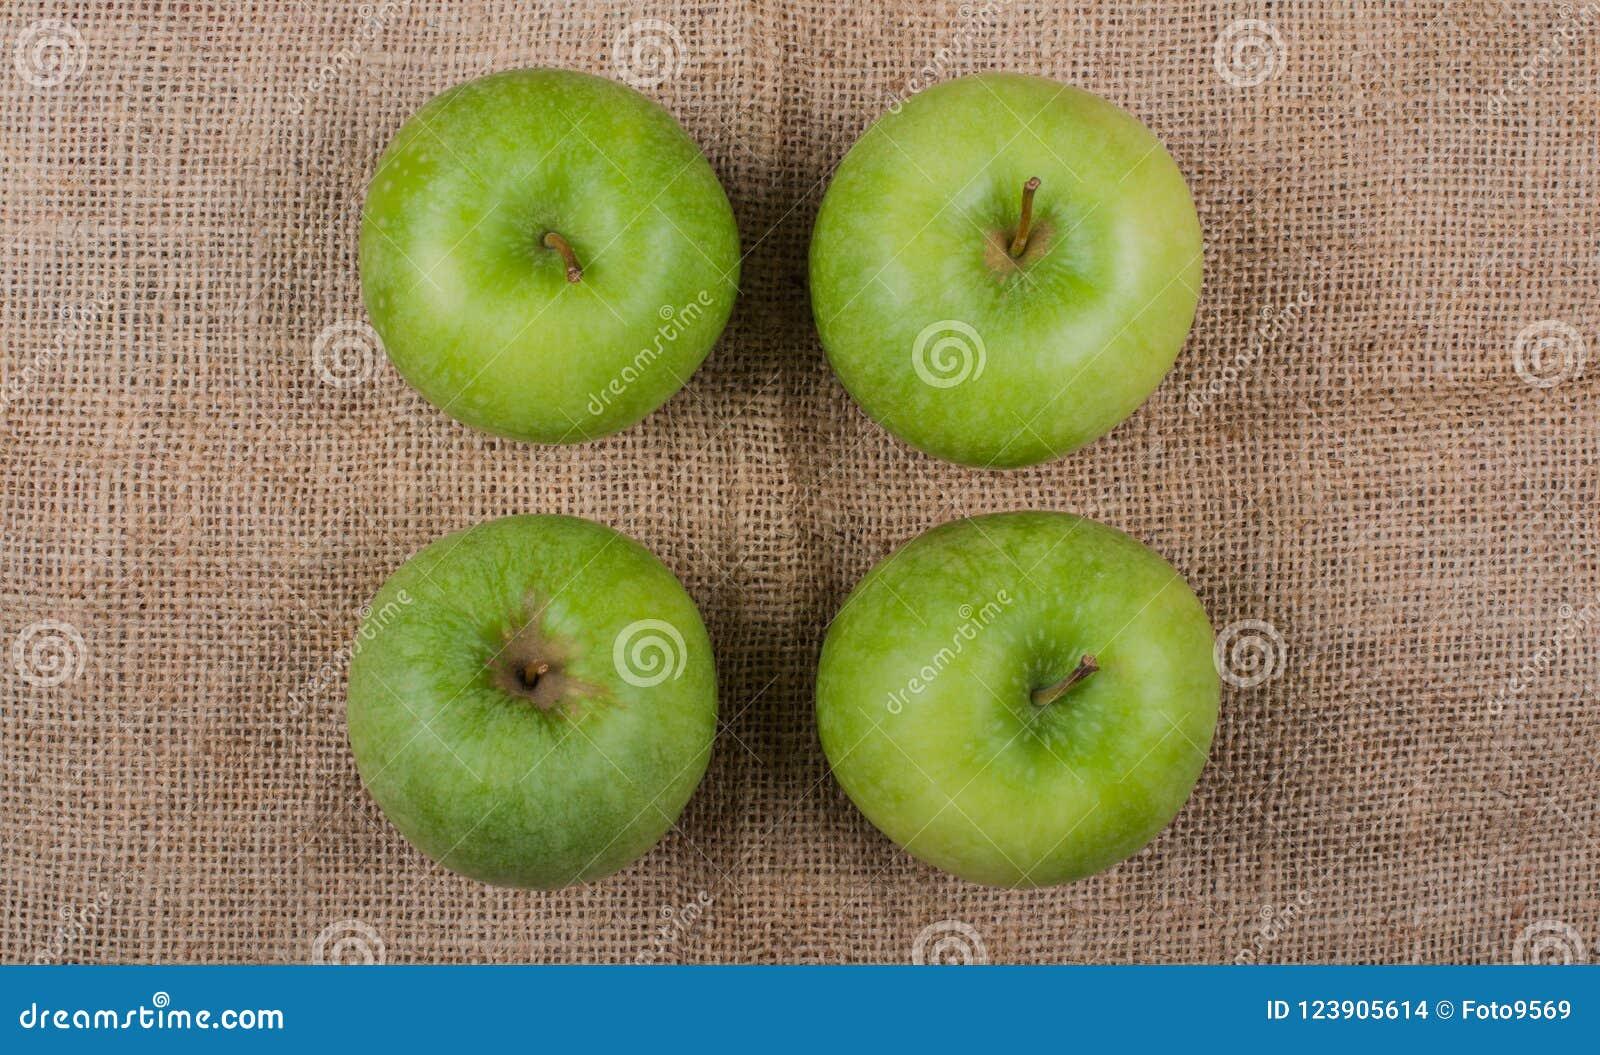 Jabłka fotografujący na Jutowej tkaninie